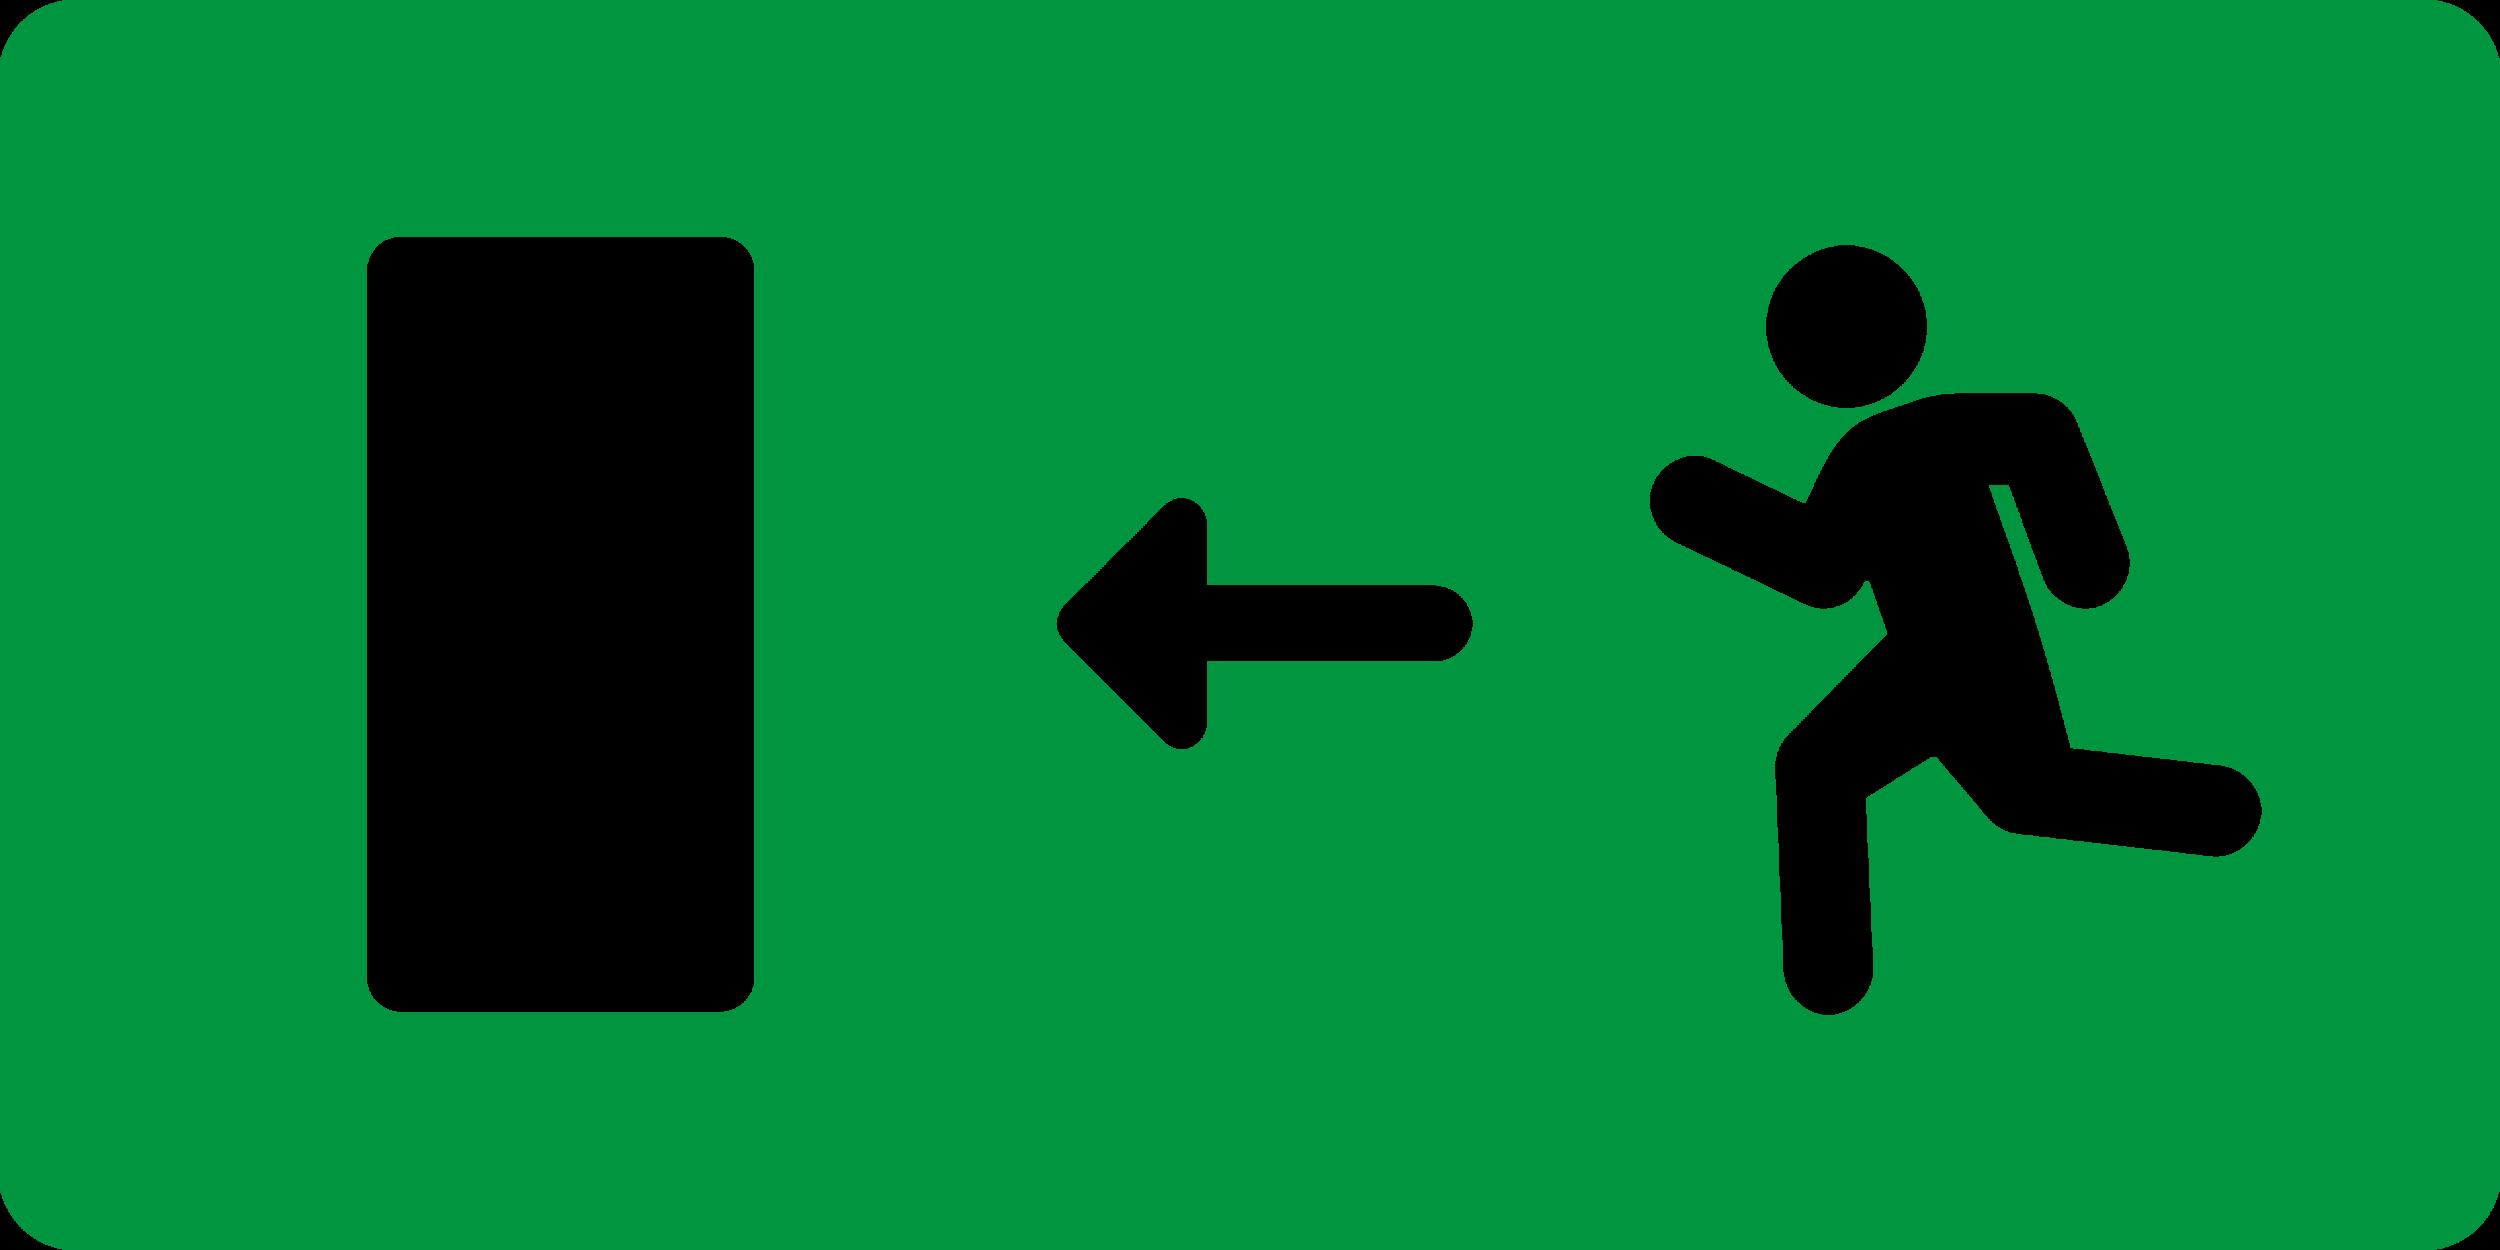 NL. Nooduitgang weg links